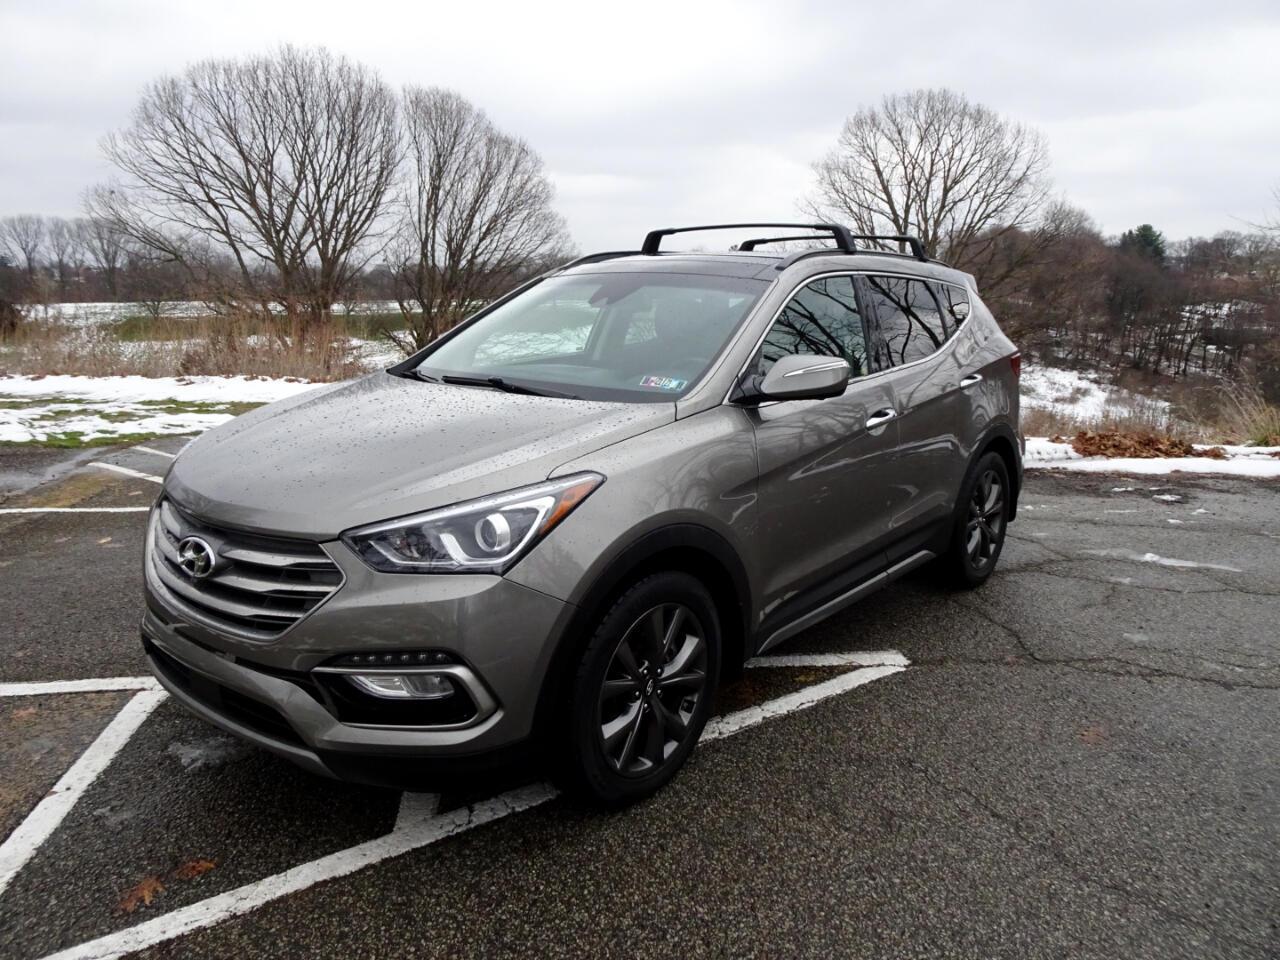 Hyundai Santa Fe Sport 2.0T AWD 2018